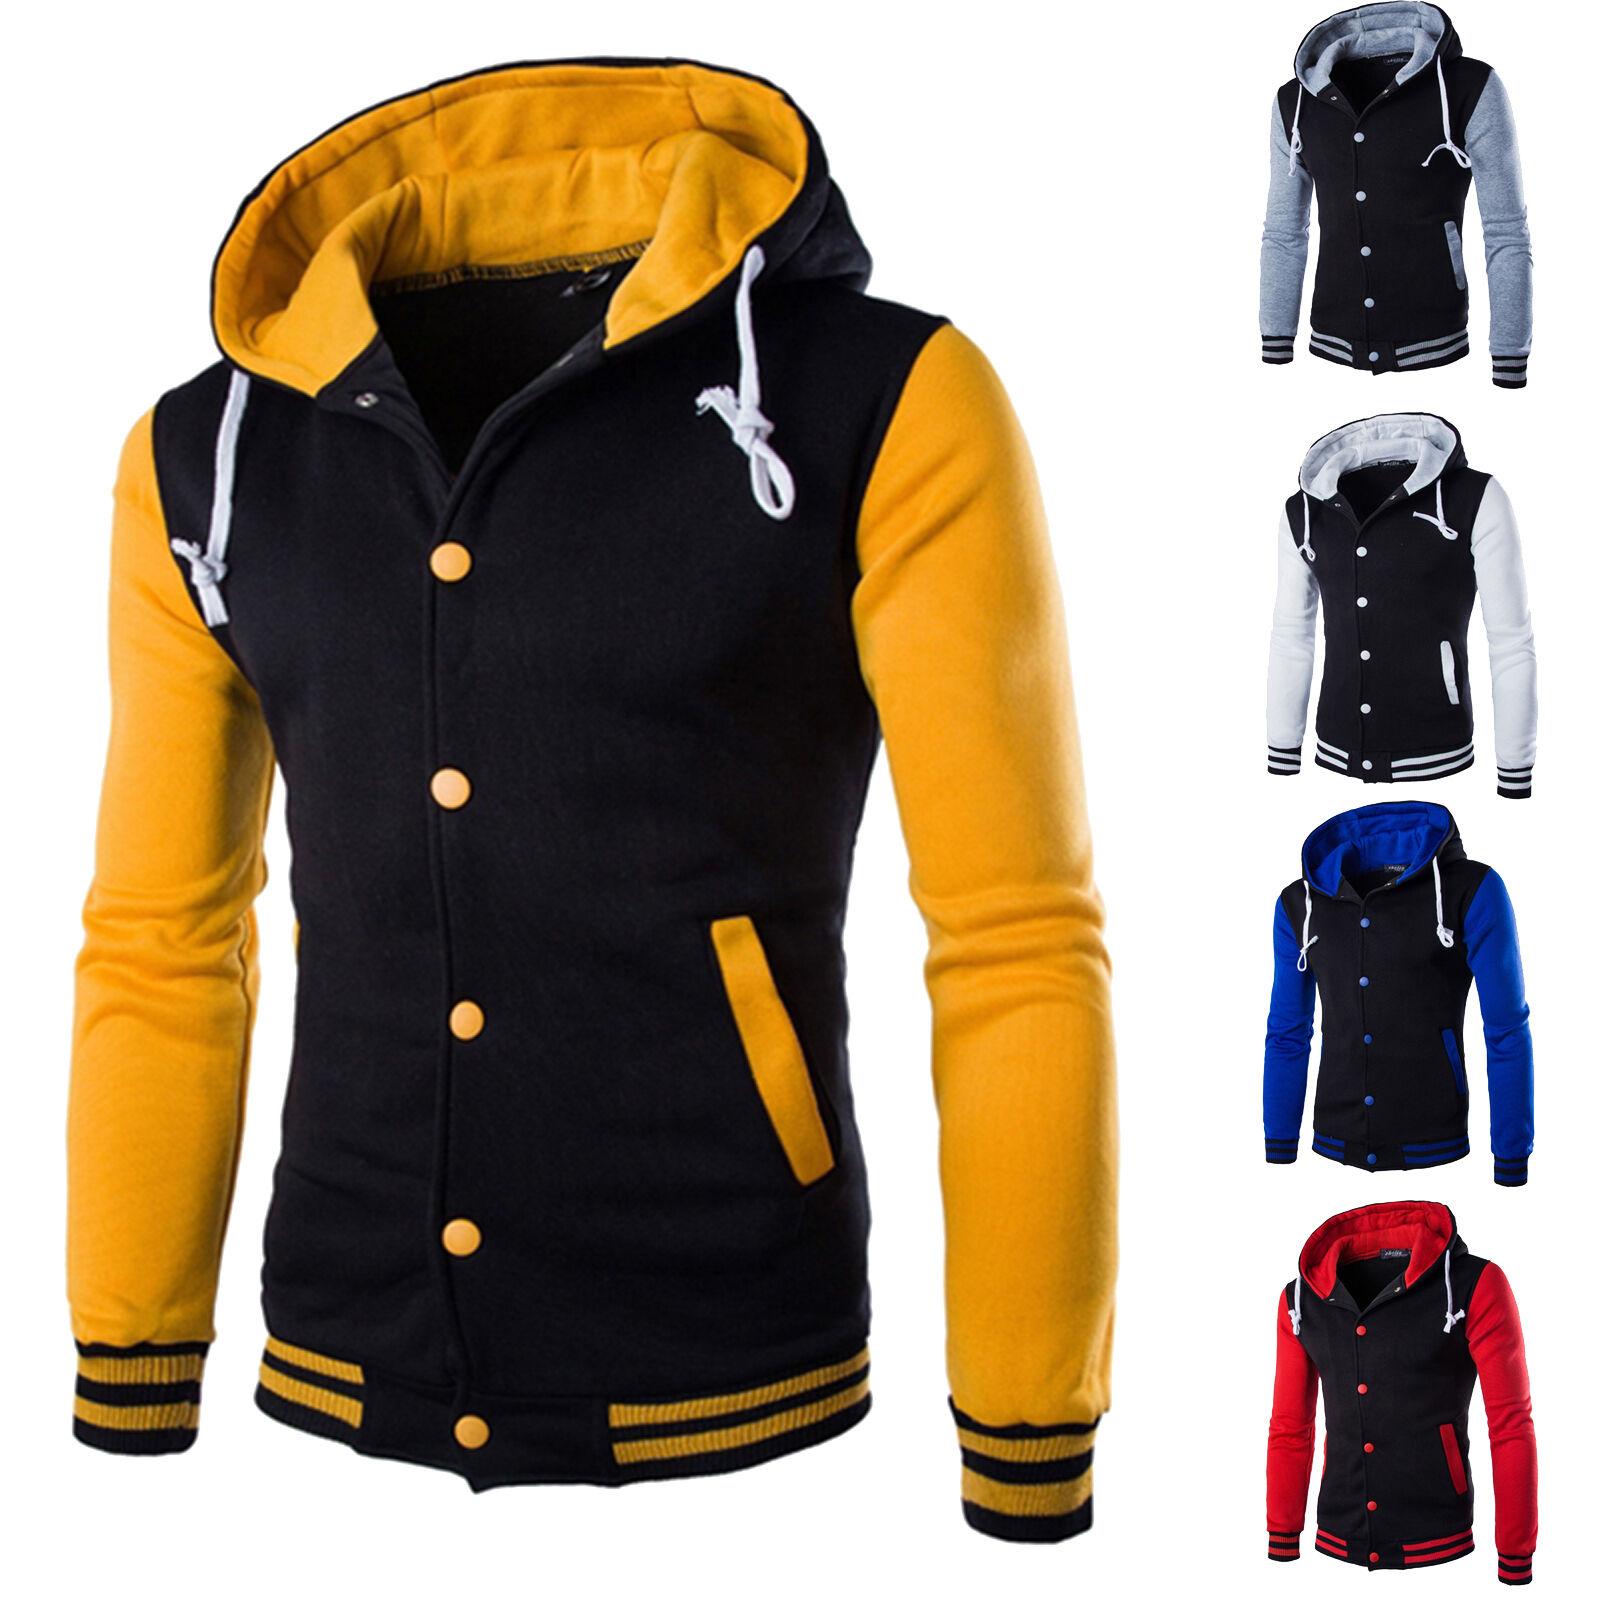 Men Hoodie Baseball Varsity College Jacket Hooded Sweatshirt